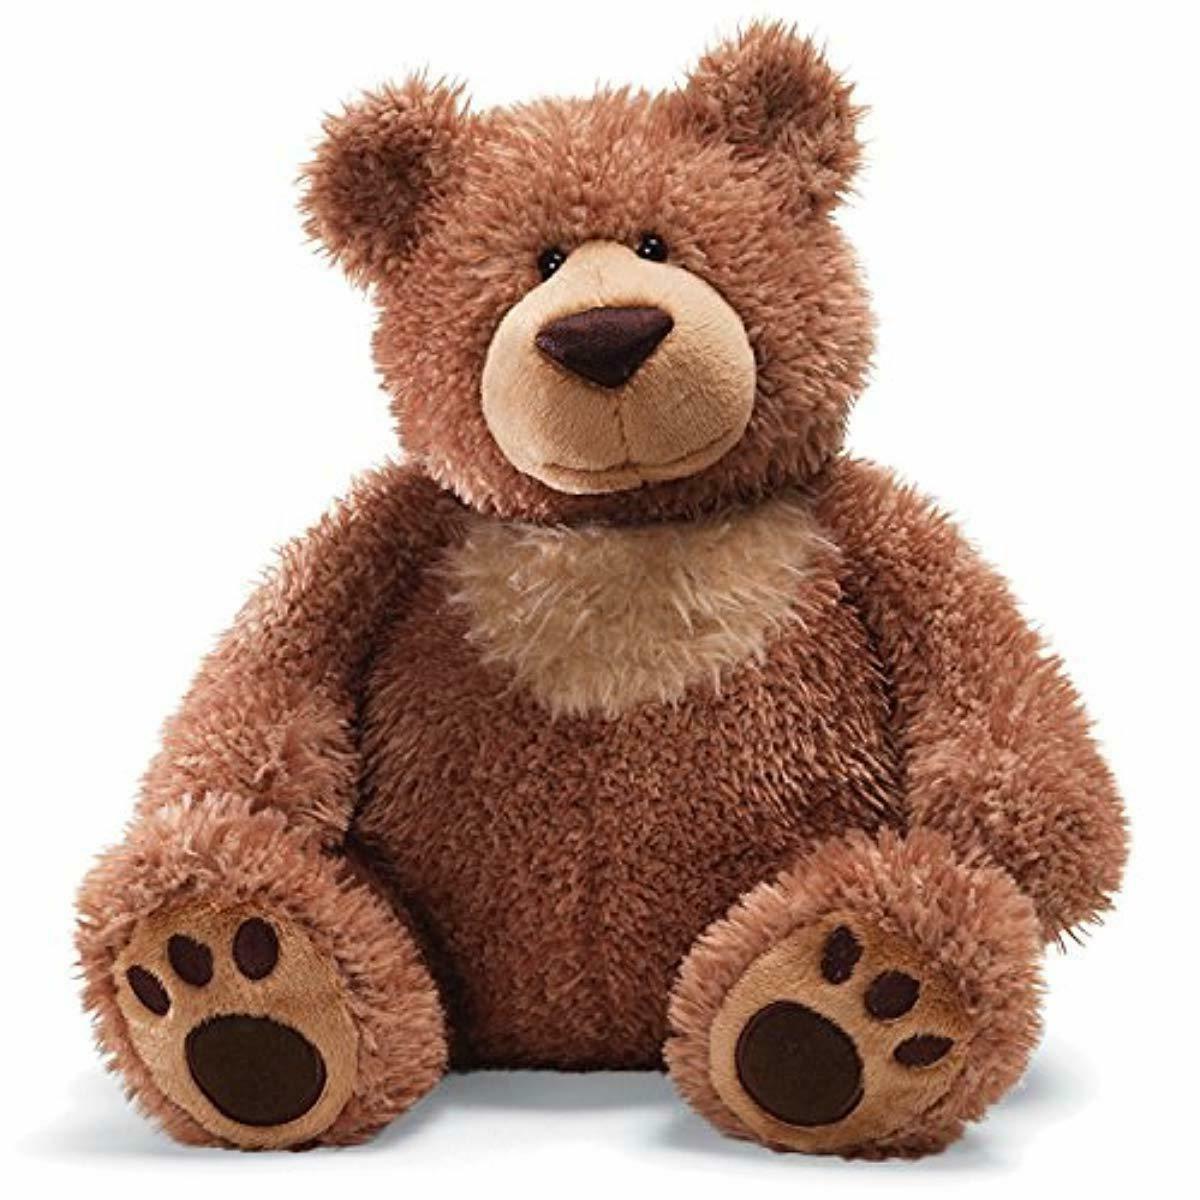 slumbers teddy bear stuffed animal plush brown